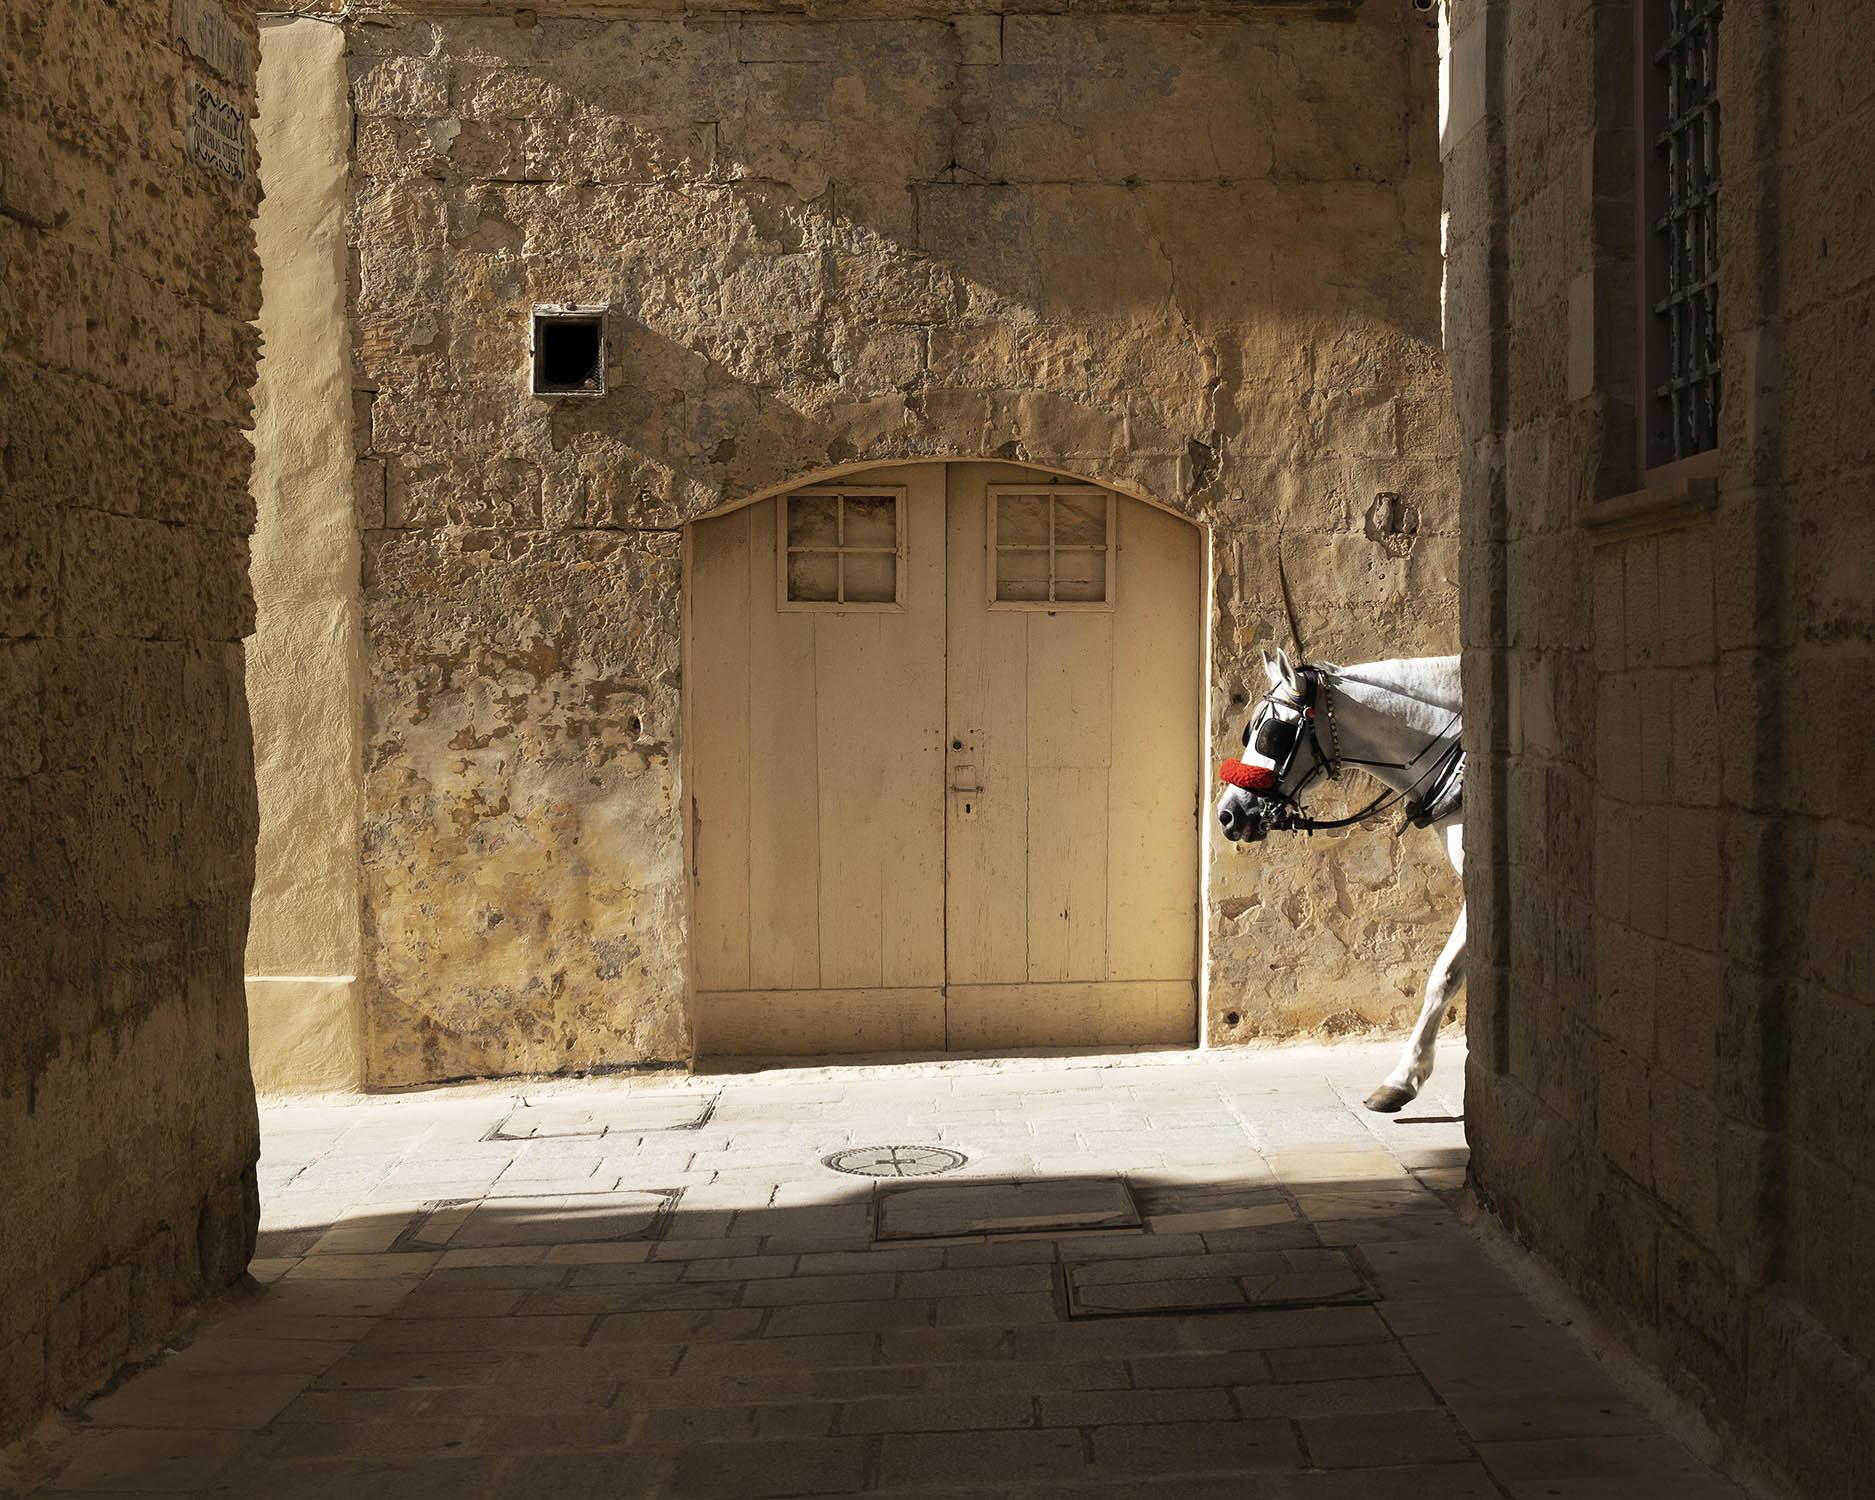 Malta-Sicilië 2019260719_244 kopiëren.jpg